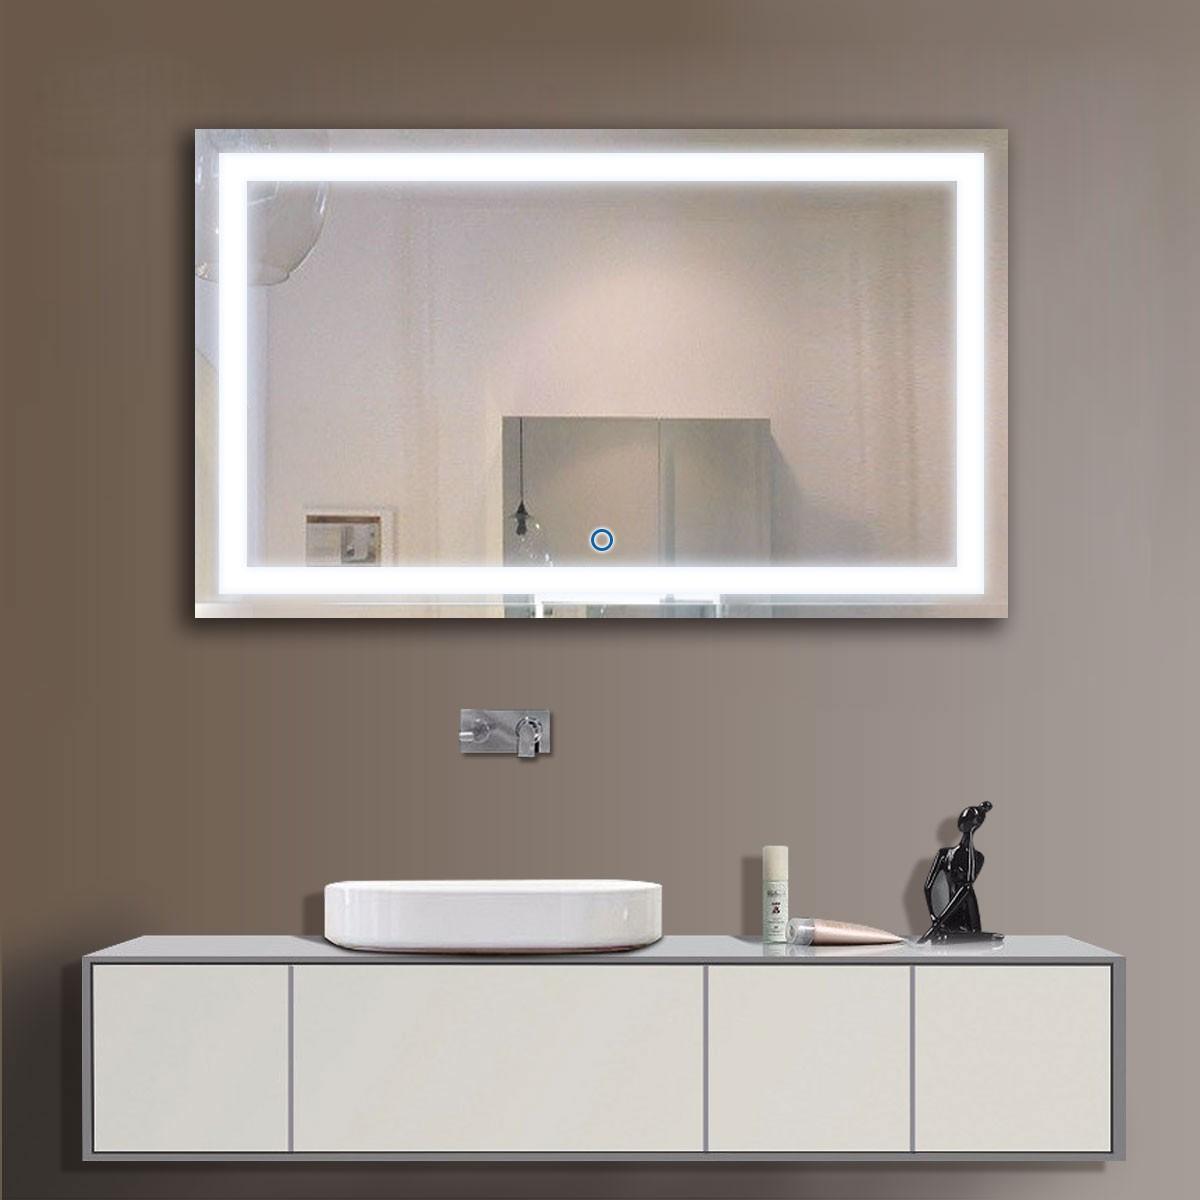 Salle De Bain Vieux Rose ~ 40 X 24 Po Miroir Led Salle De Bain Horizontal Avec L Interrupteur